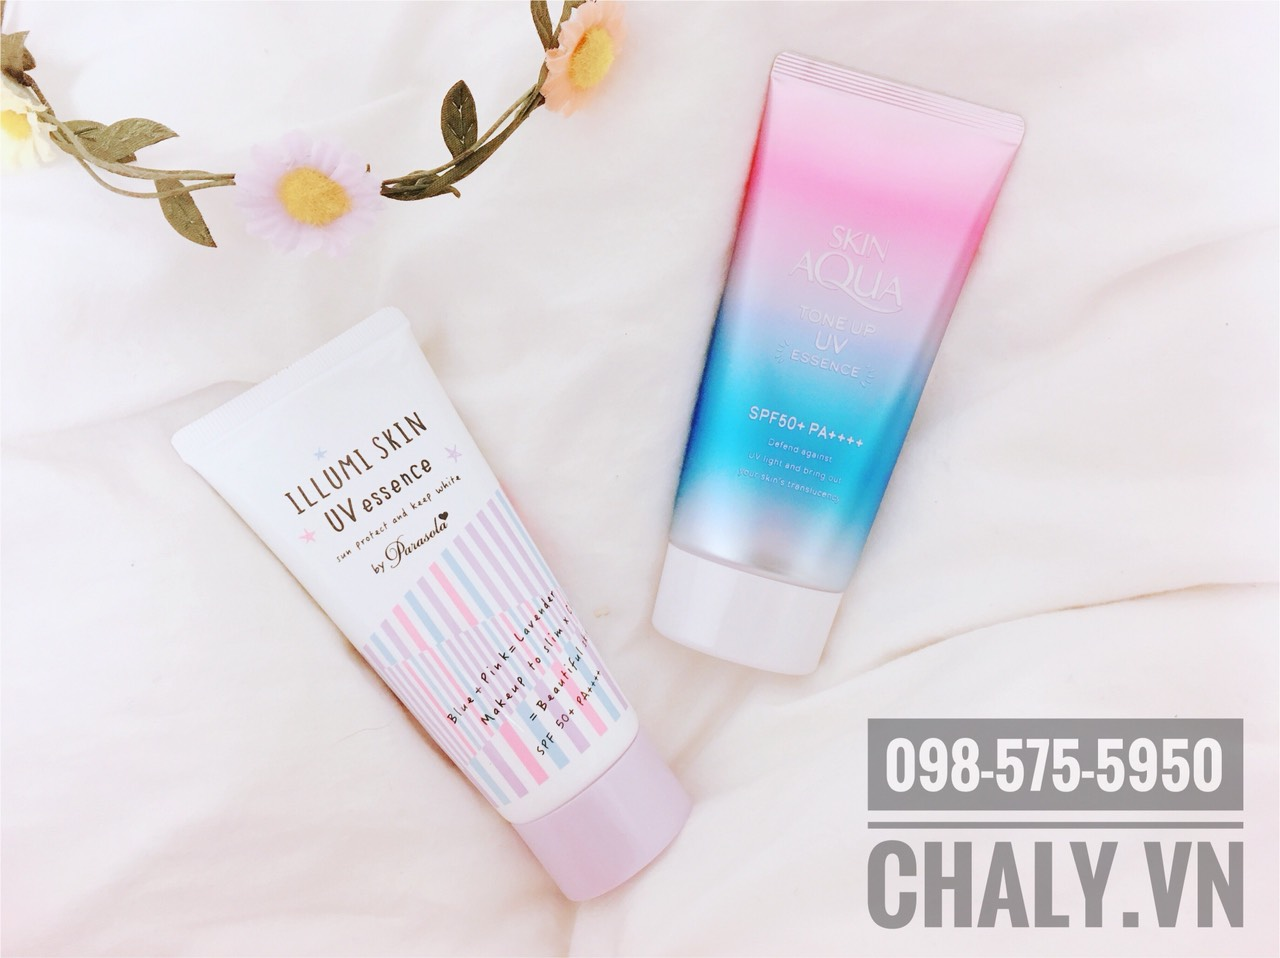 Illumi Skin bên trái phù hợp da thường tới khô. Còn Skin Aqua UV bên phải phù hợp da dầu